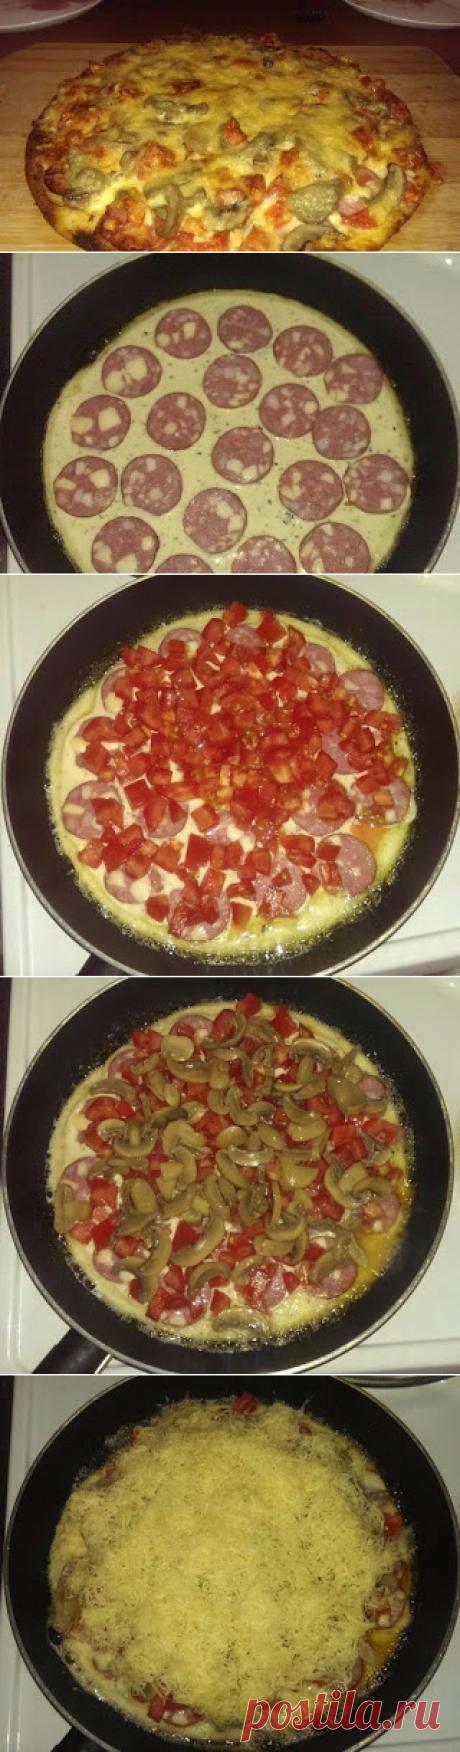 Самые вкусные рецепты: Супер быстрая пицца